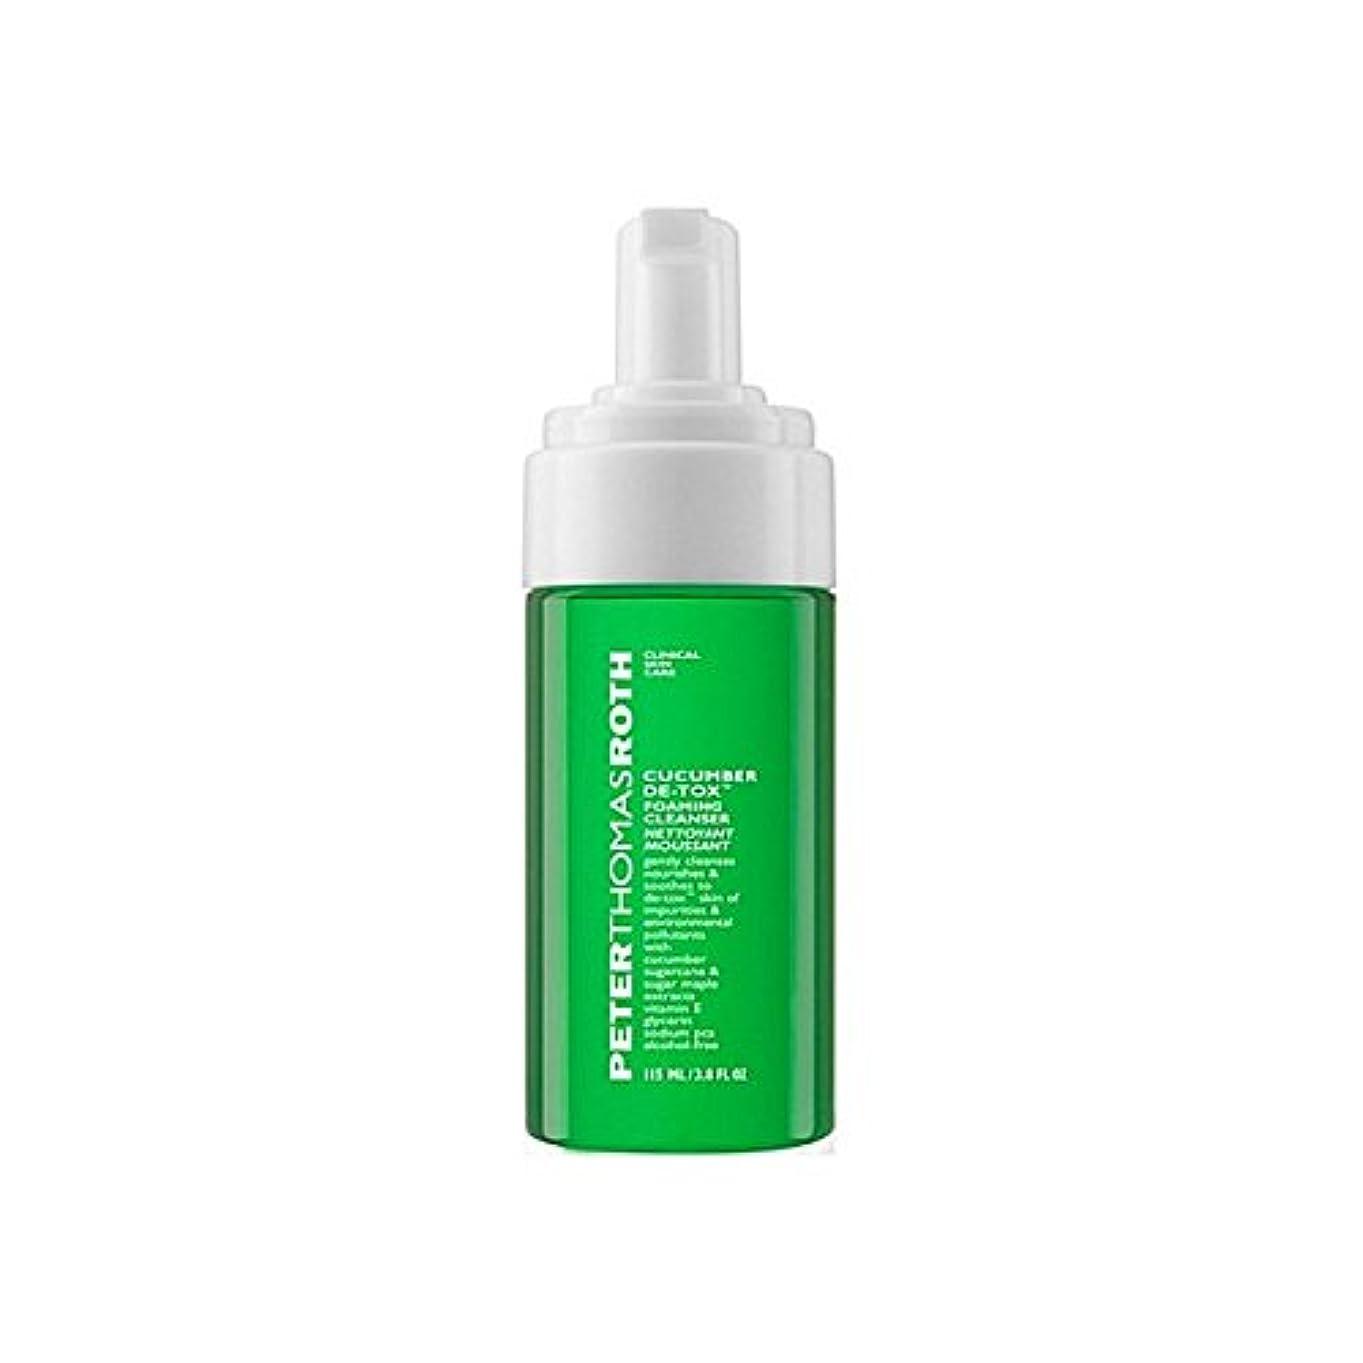 構想するジャンクション引き金ピータートーマスロスキュウリデ発泡クレンザー x4 - Peter Thomas Roth Cucumber De-Tox Foaming Cleanser (Pack of 4) [並行輸入品]